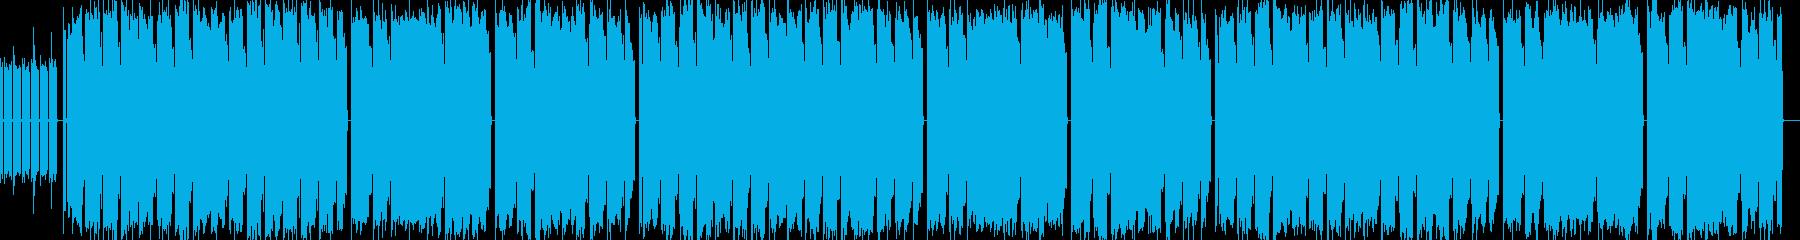 校歌を連想させるチップチューン曲の再生済みの波形